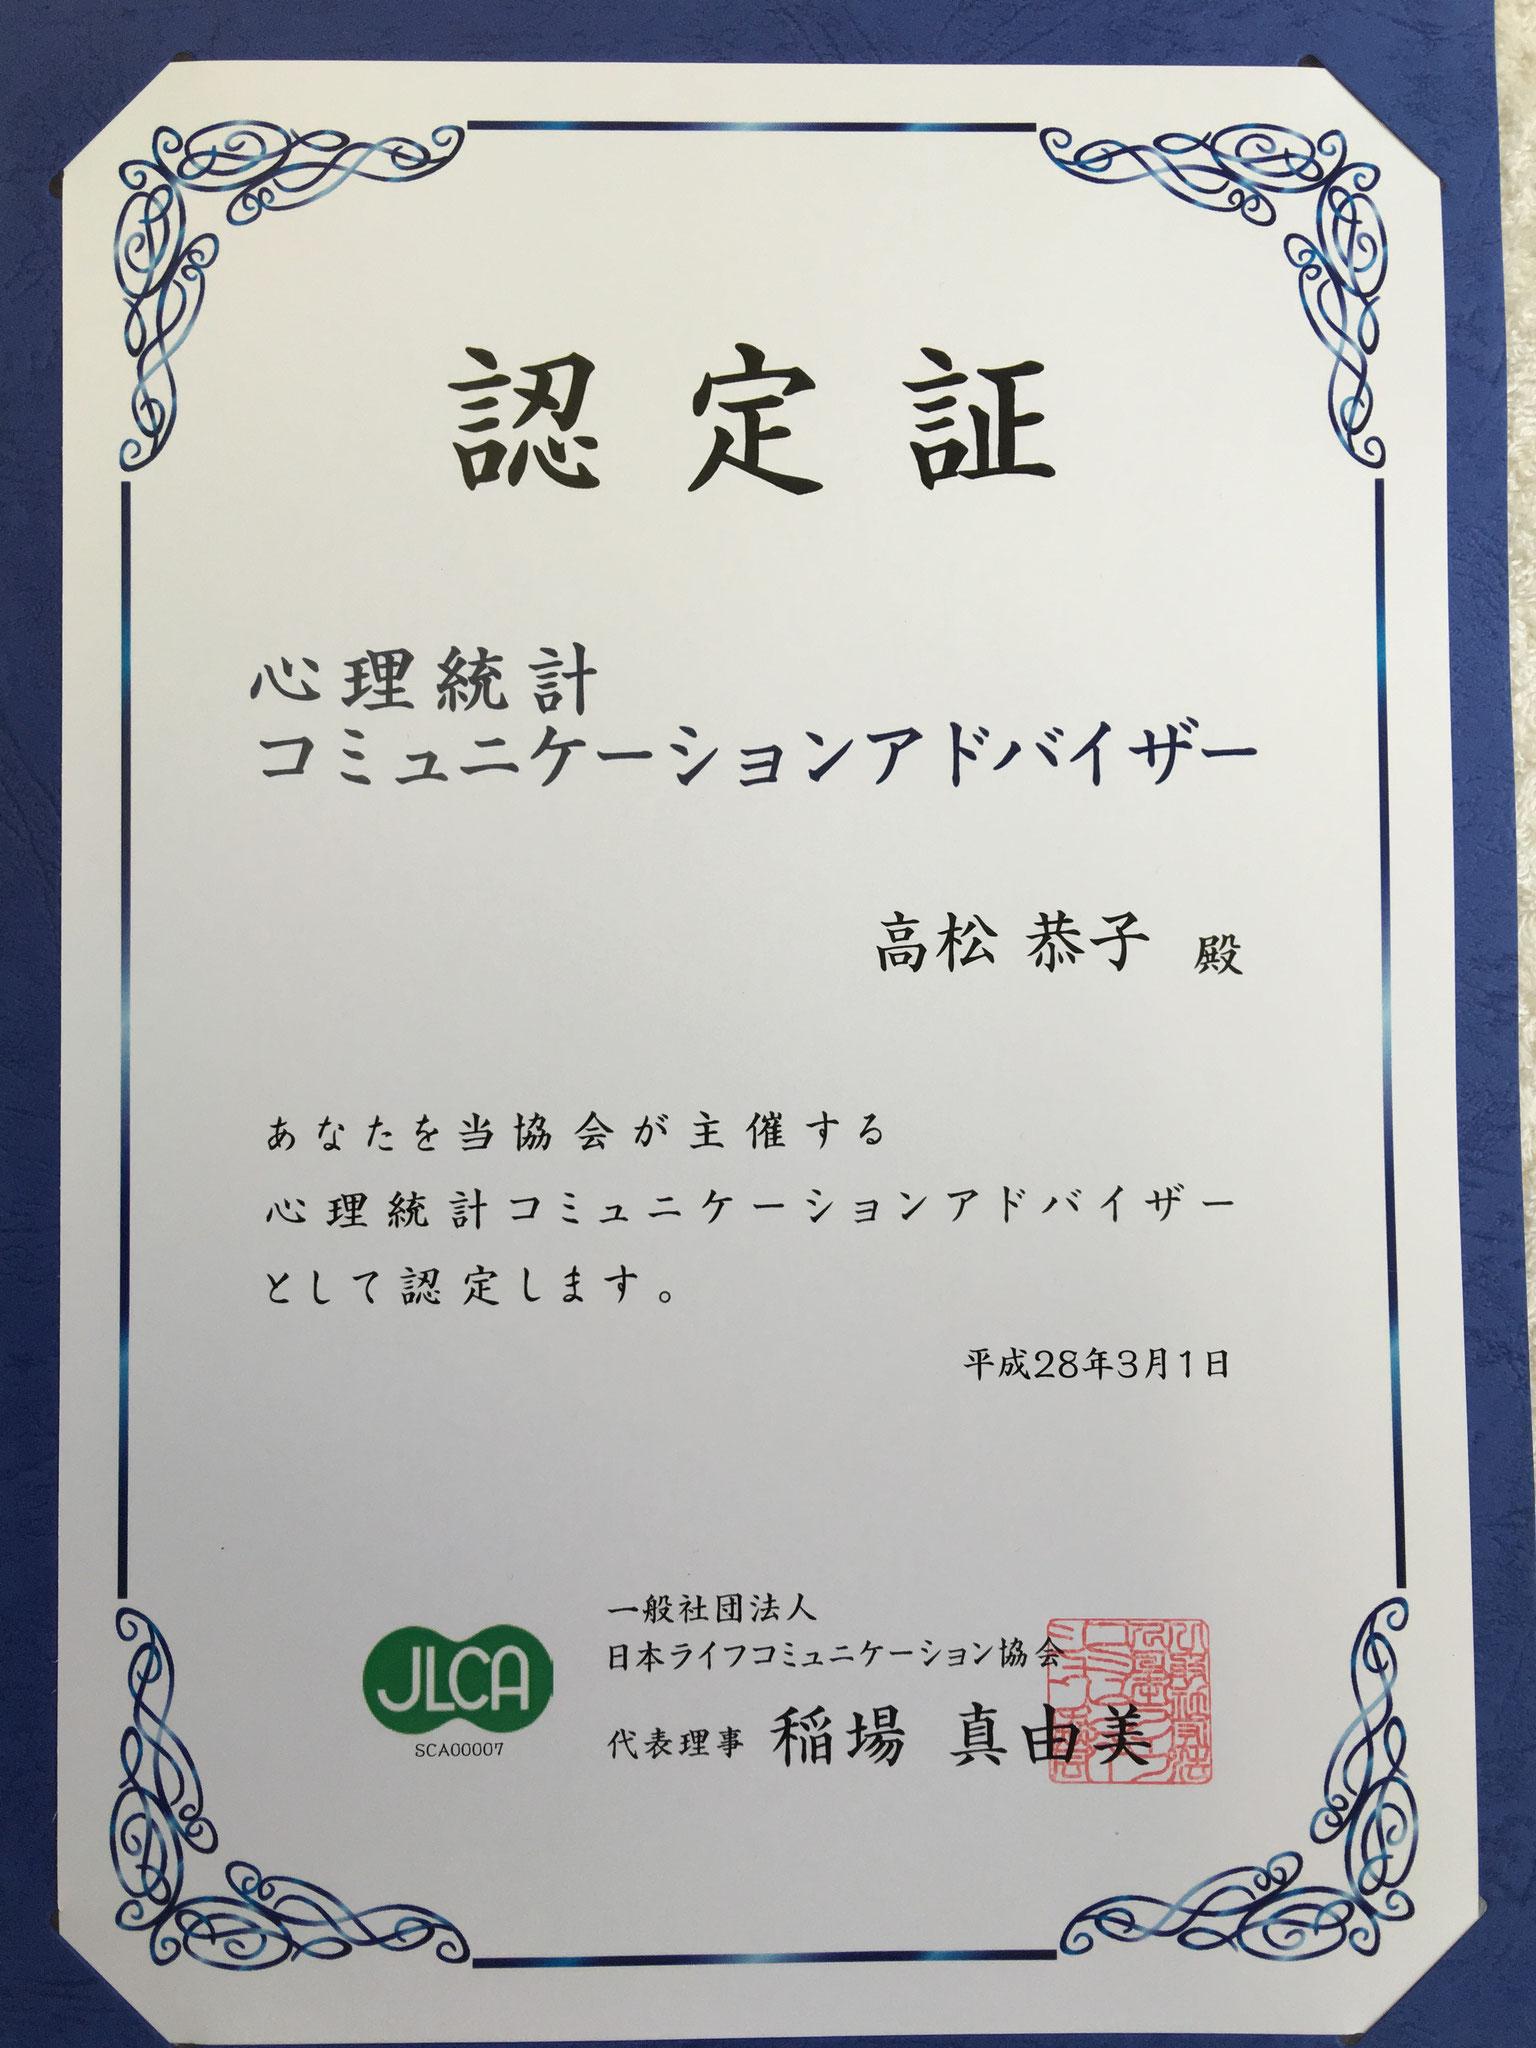 2016年3月1日 心理統計コミュニケーションアドバイザー資格取得(日本ライフコミュニケーション協会認定)